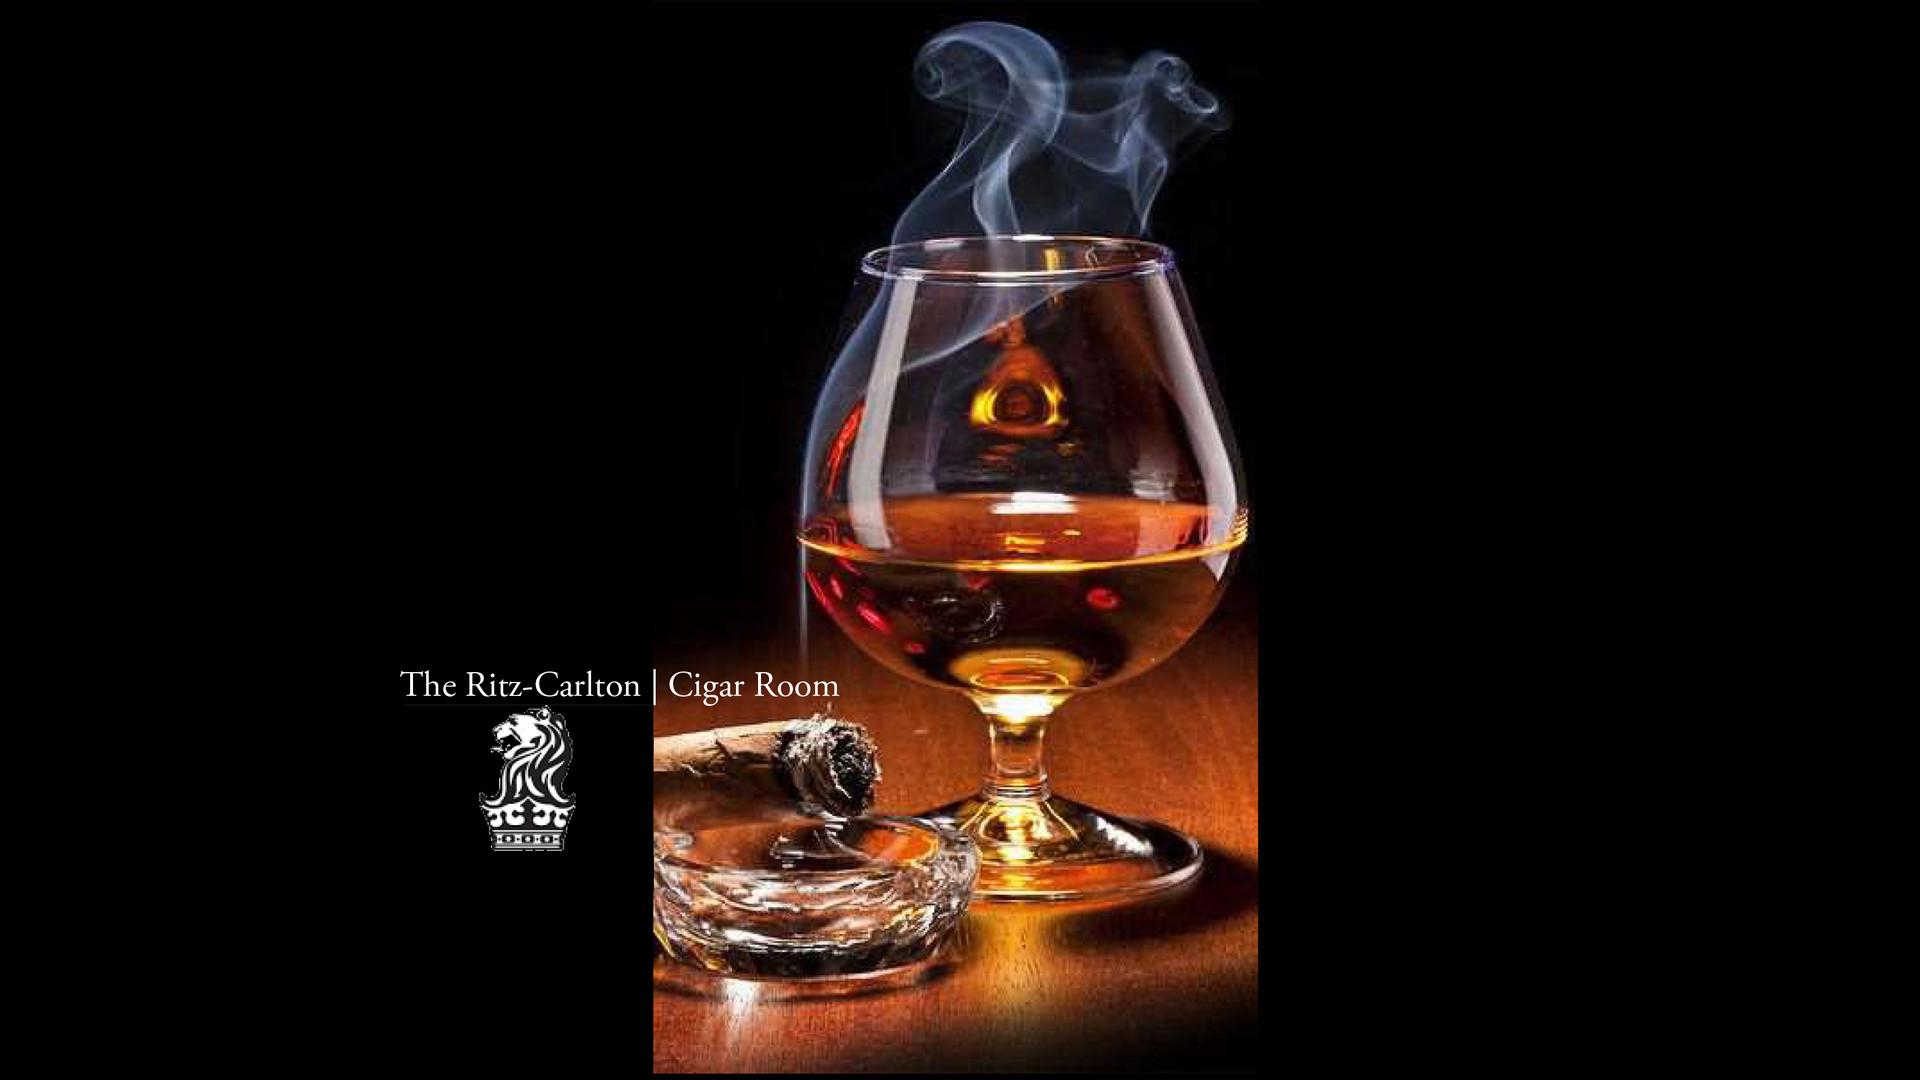 RitzCarlton-Cigar Room | İstanbul,TR